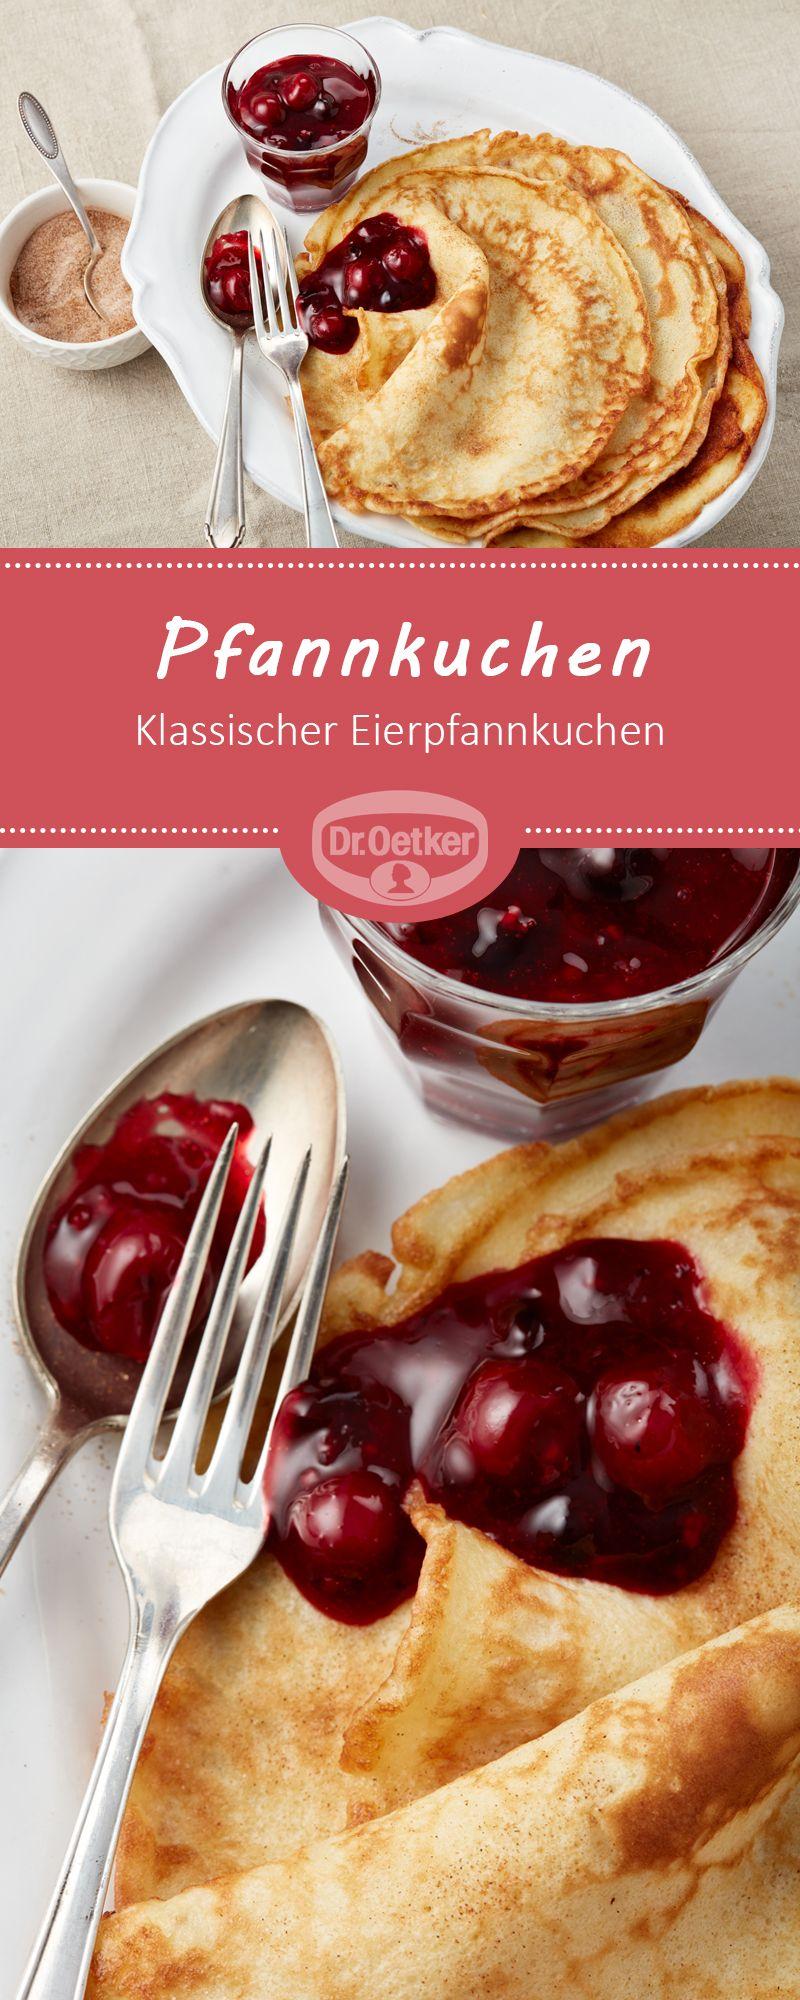 702588d2673027a83da1f746e5fee7f8 - Rezepte Eierpfannkuchen